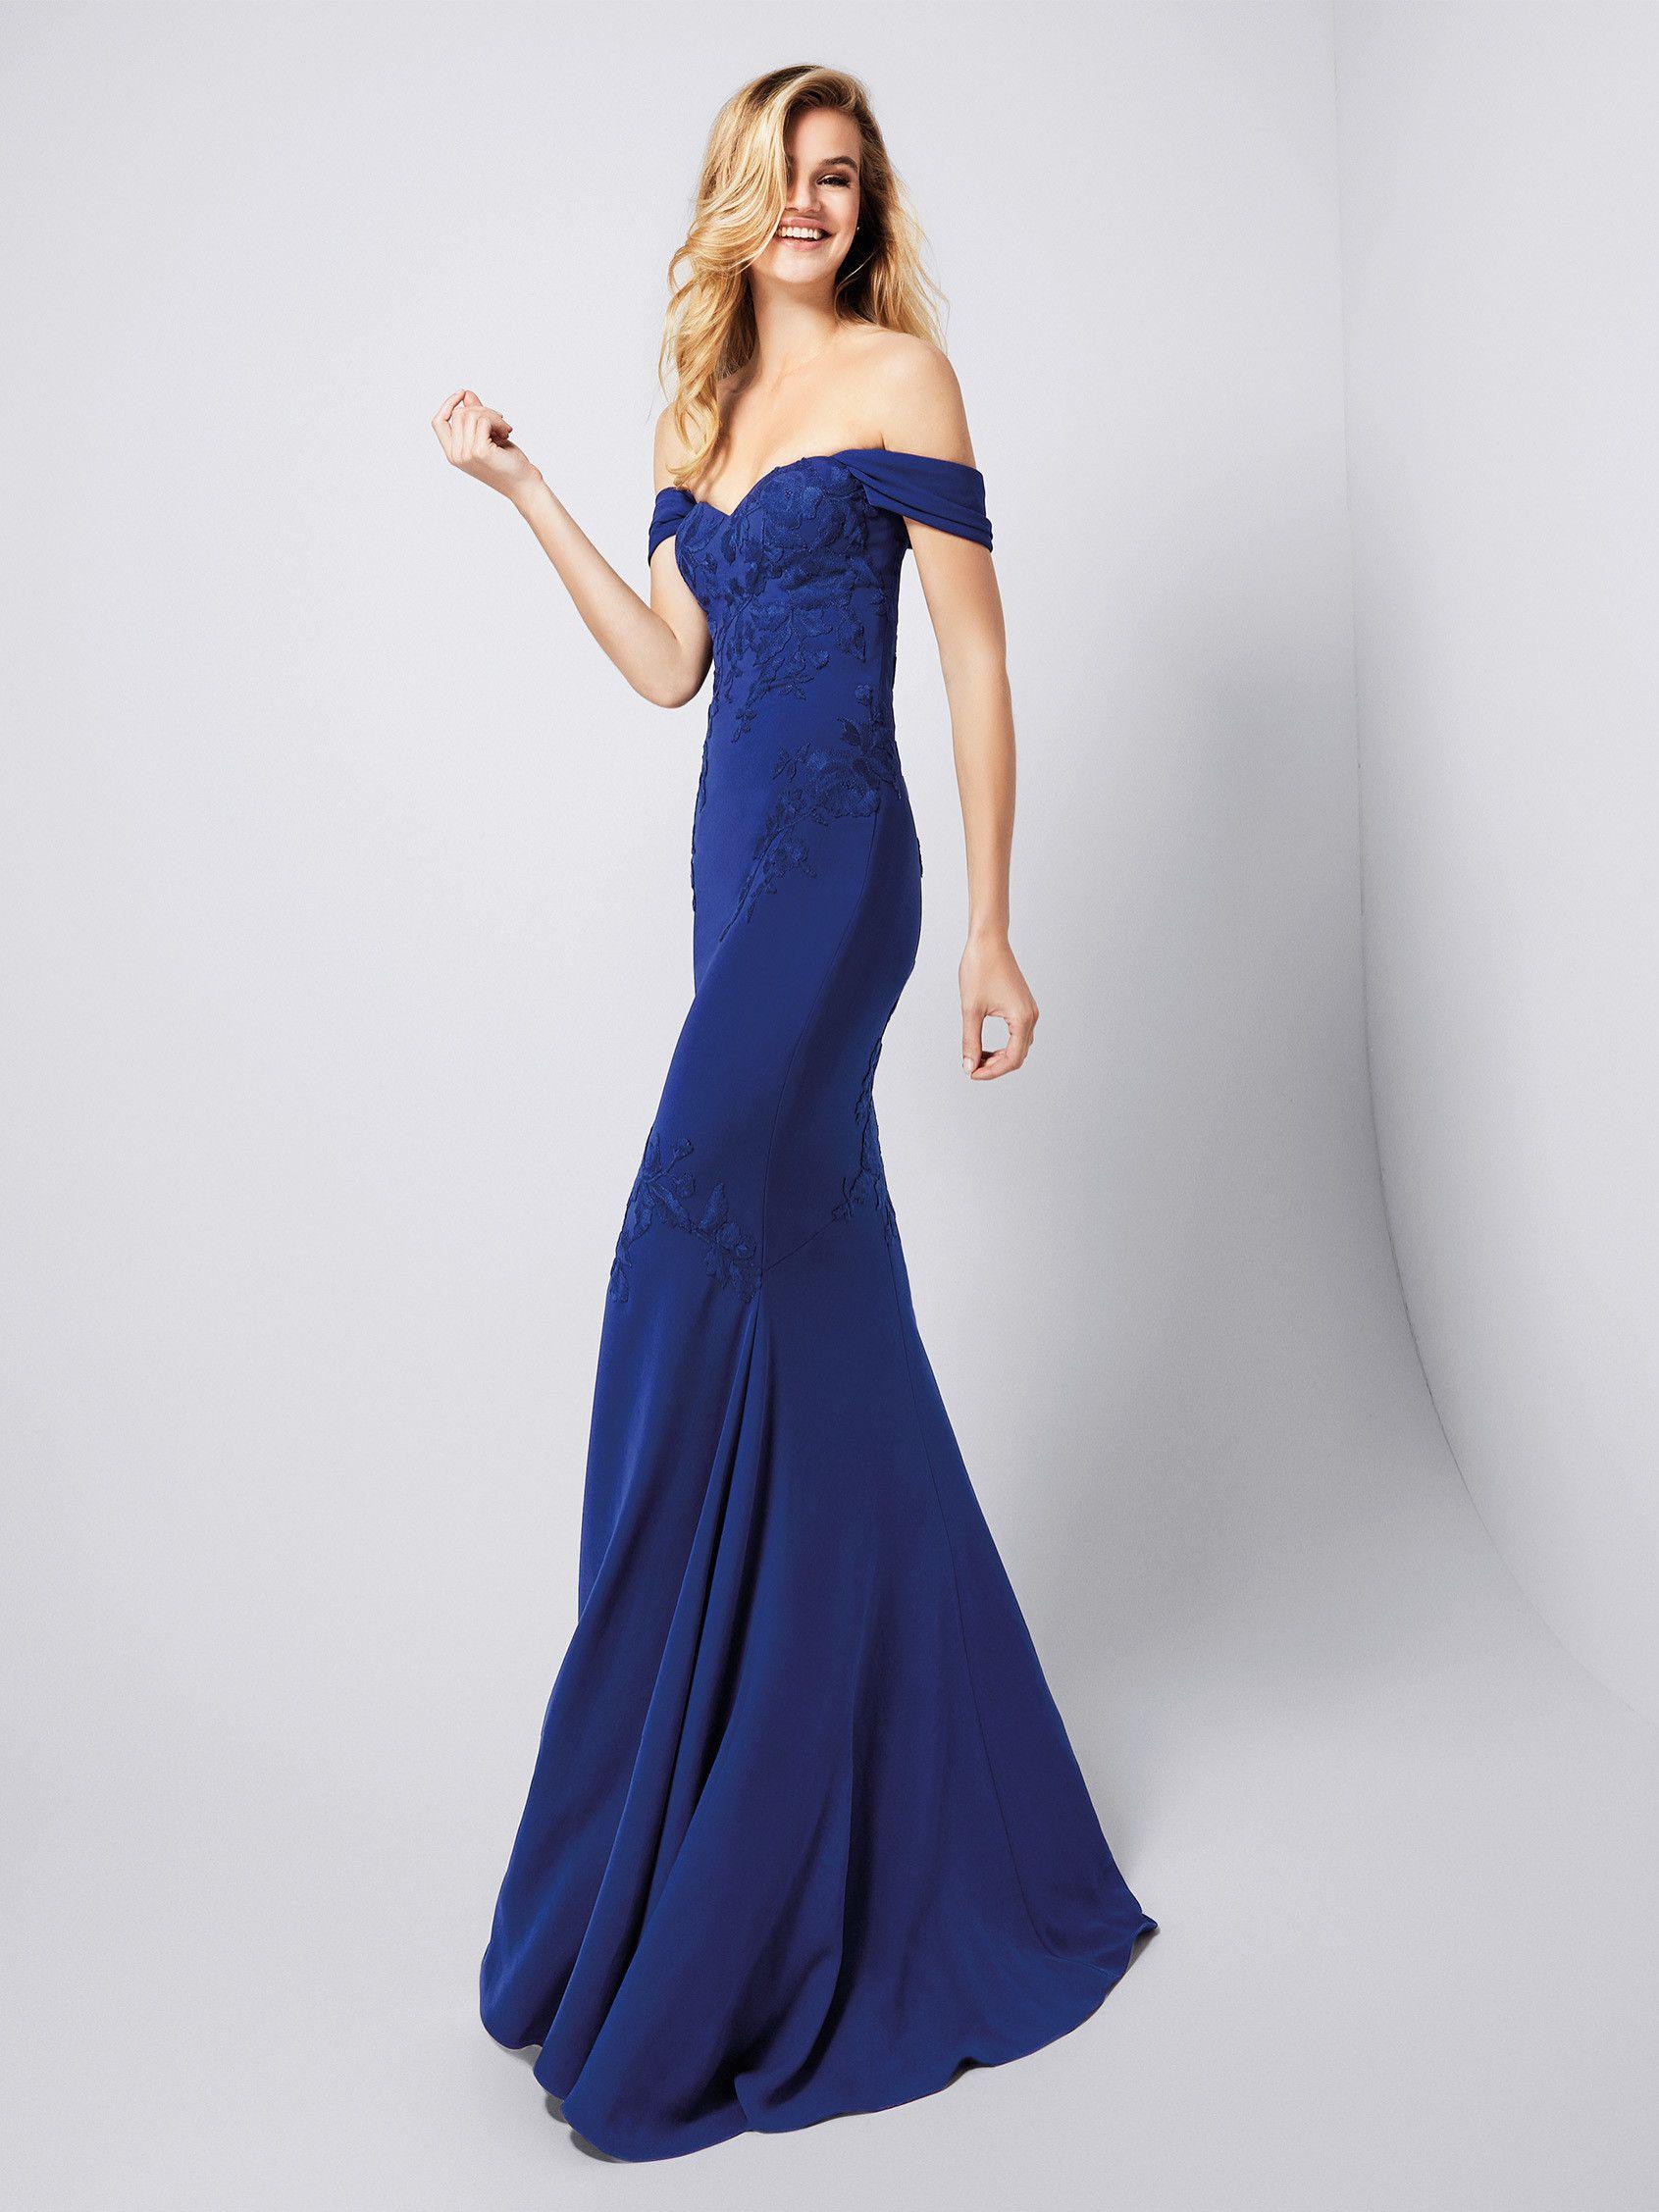 Vestidos de gala de color azul